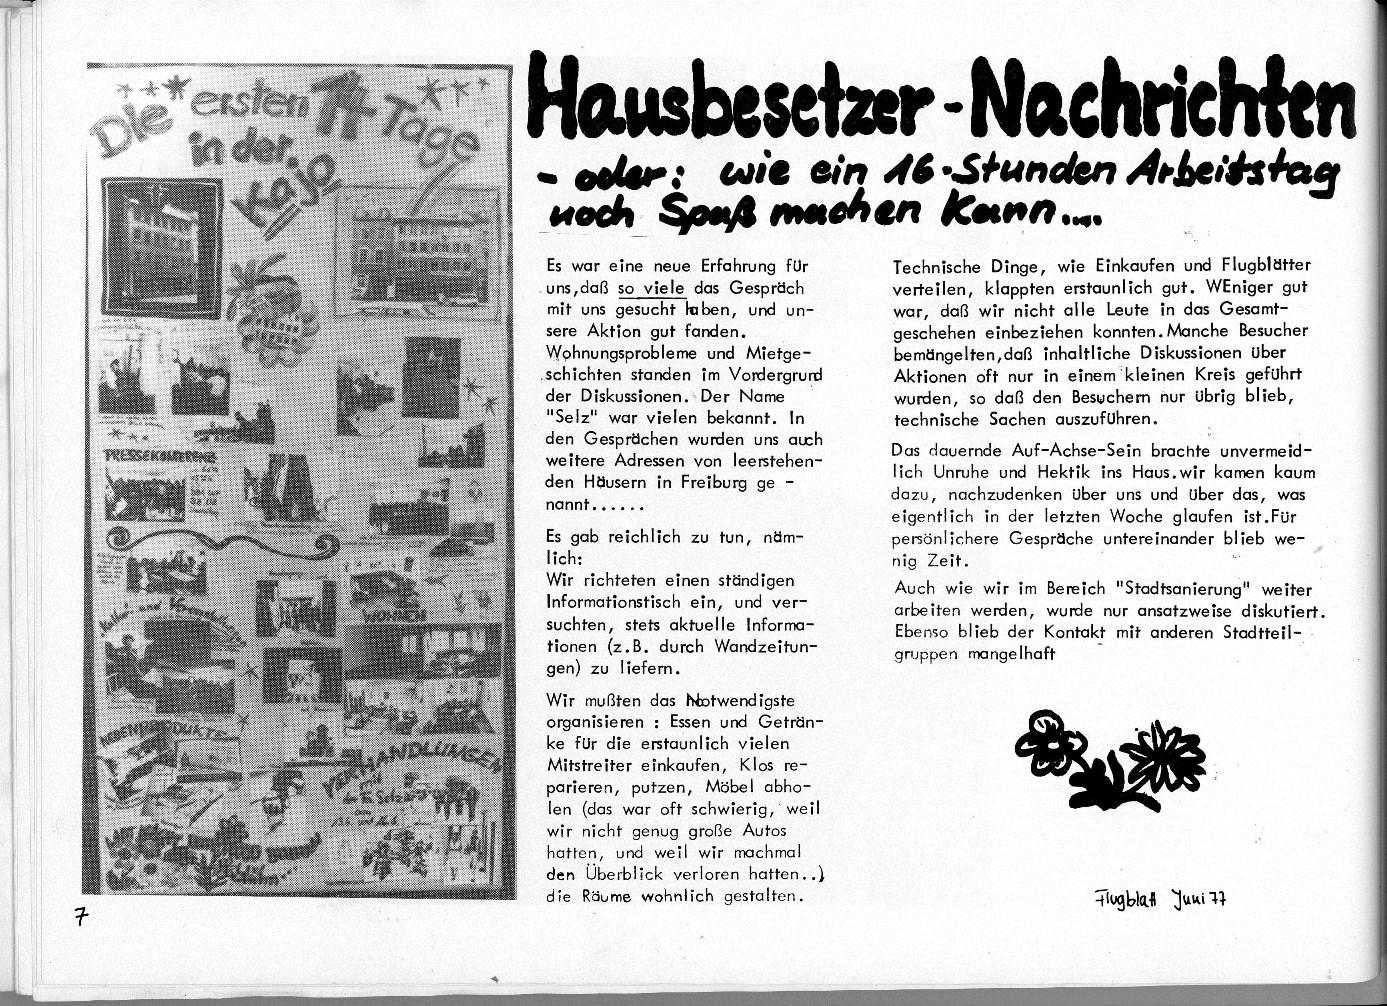 Freiburg_Hausbesetzung_01_Dreisameck_011